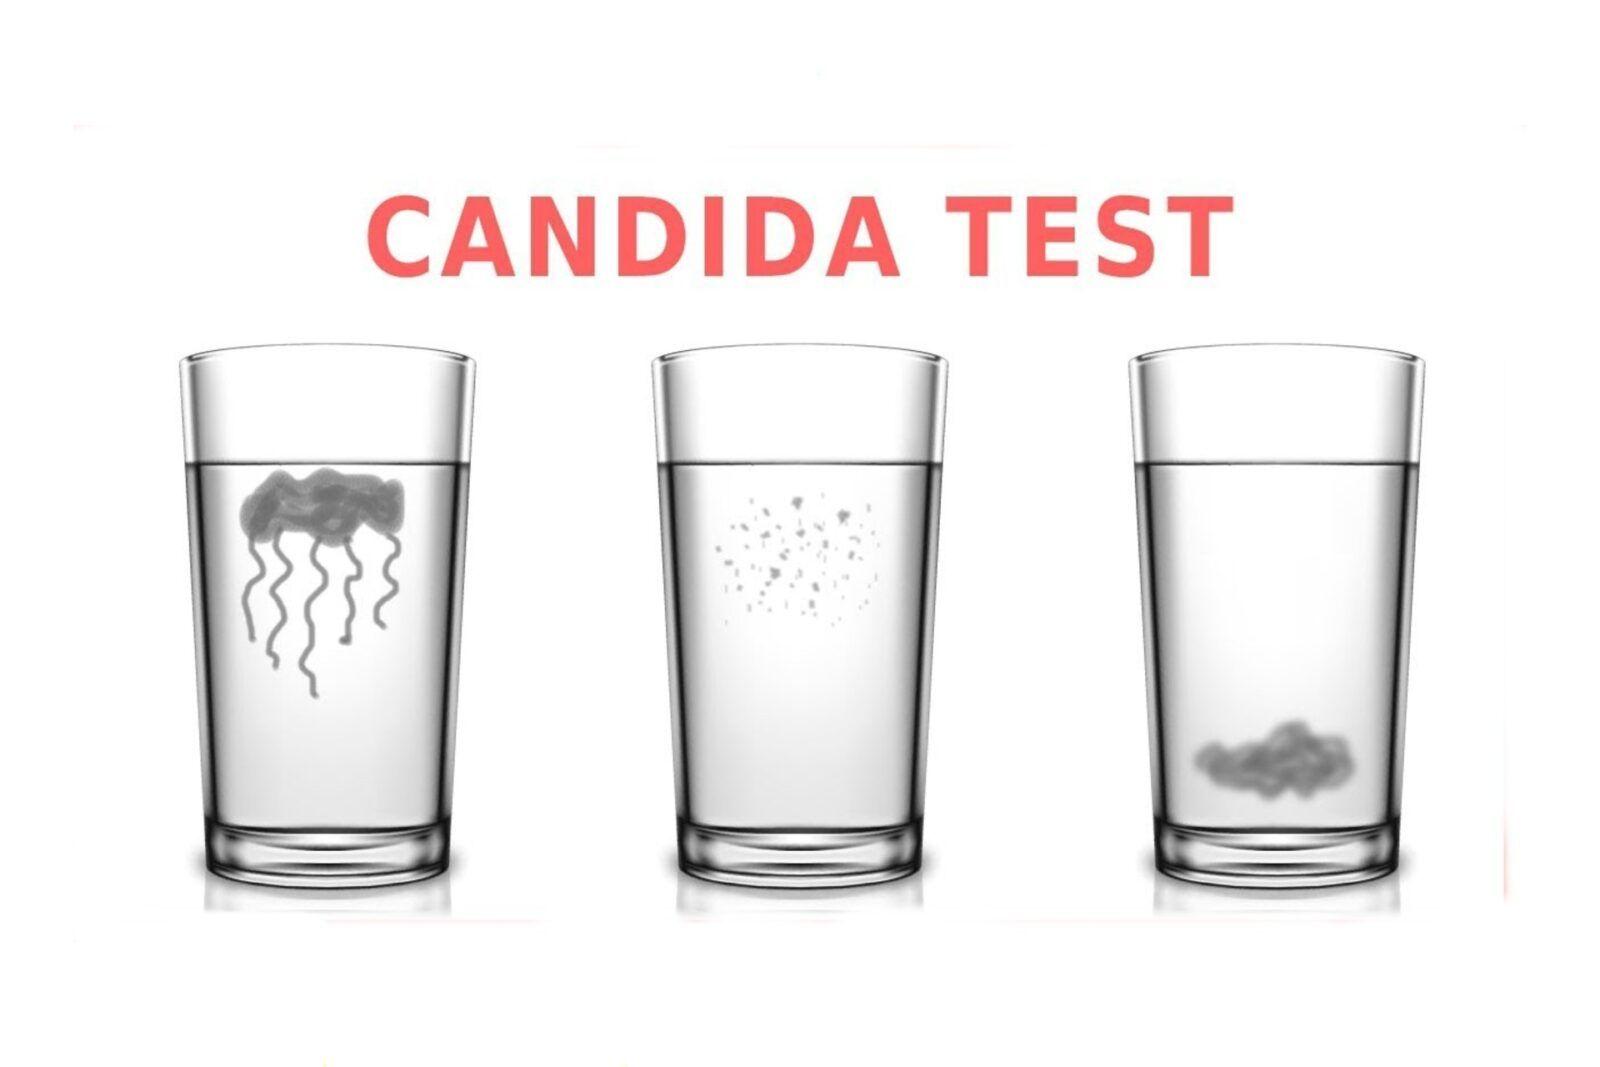 Ecco come individuare la candida con un test semplice e veloce da fare a casa